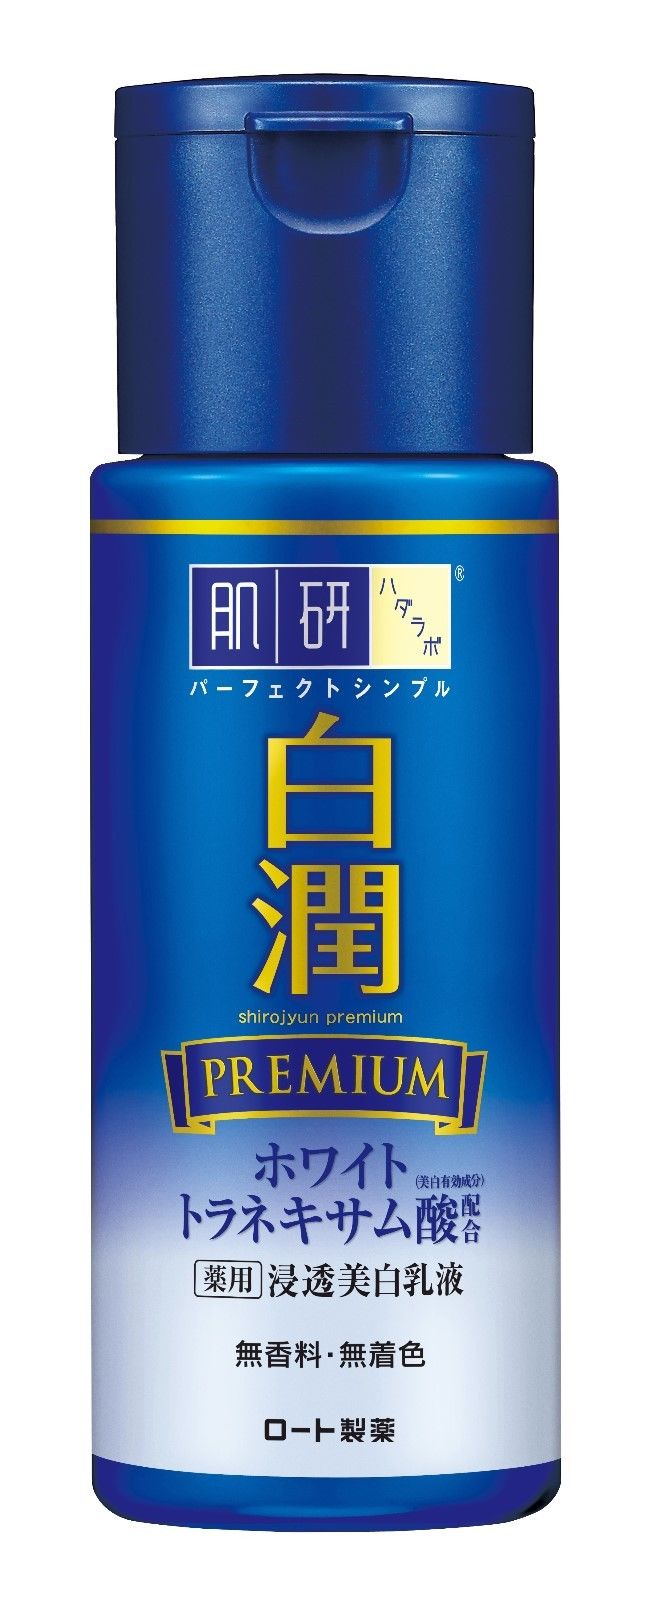 Hada Labo Shirojyun Premium Whitening Emulsion